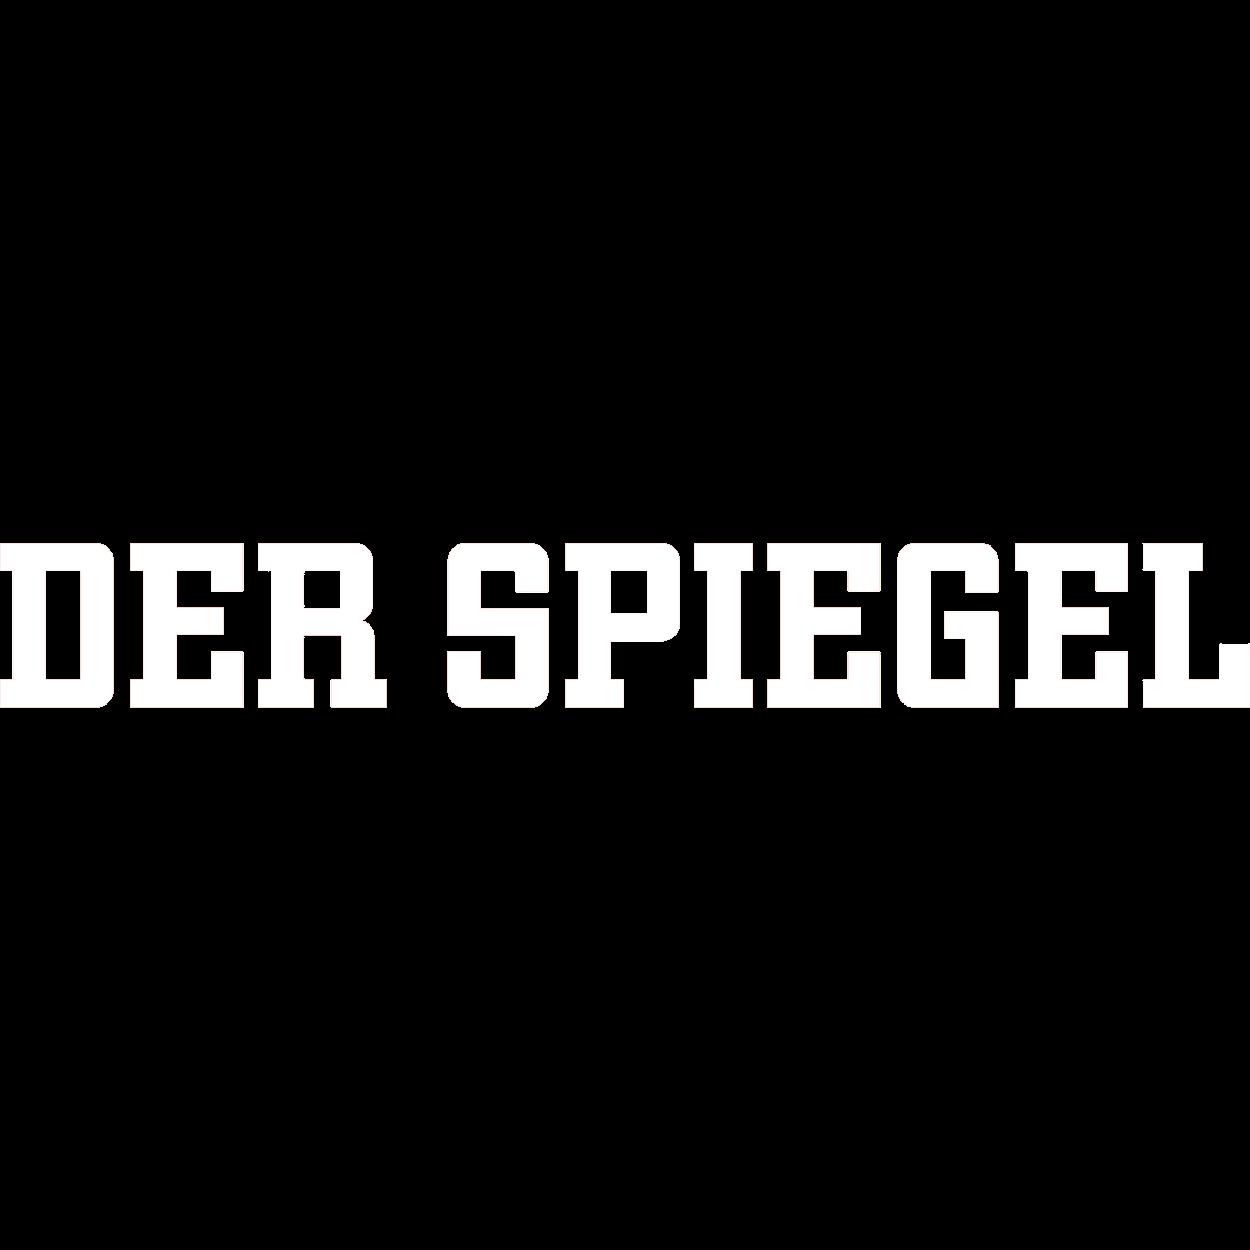 Der Spiegel - Vivellio